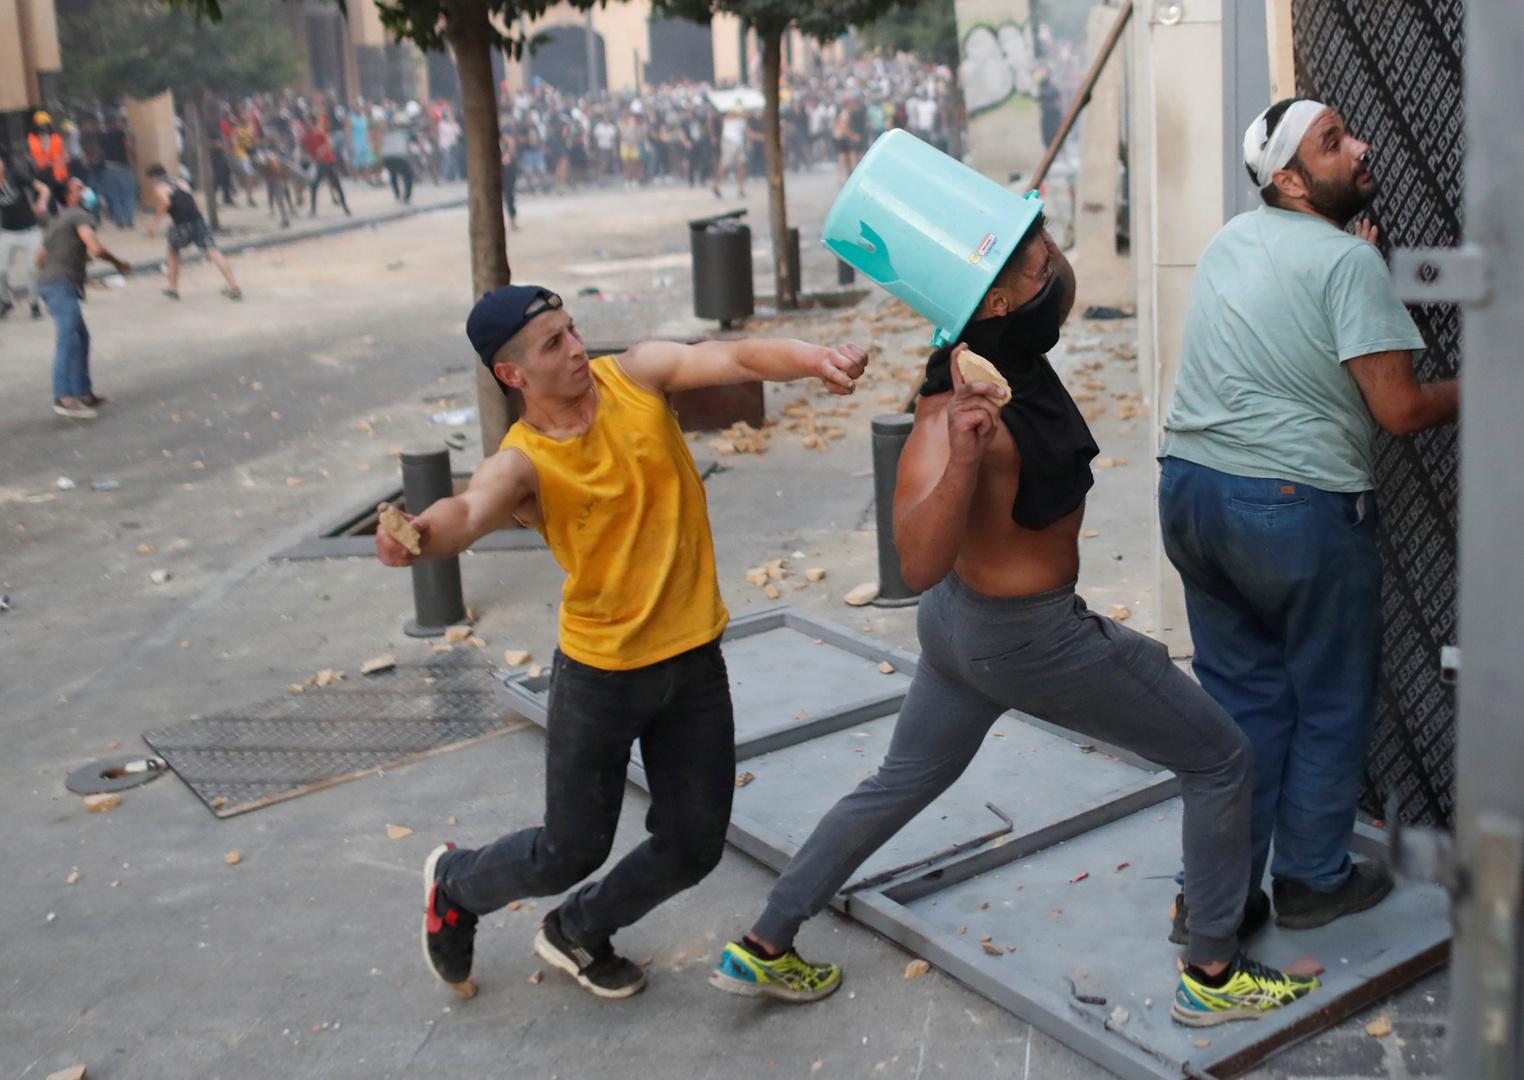 ثورة جديدة: بيروت الغاضبة تنصب المشانق